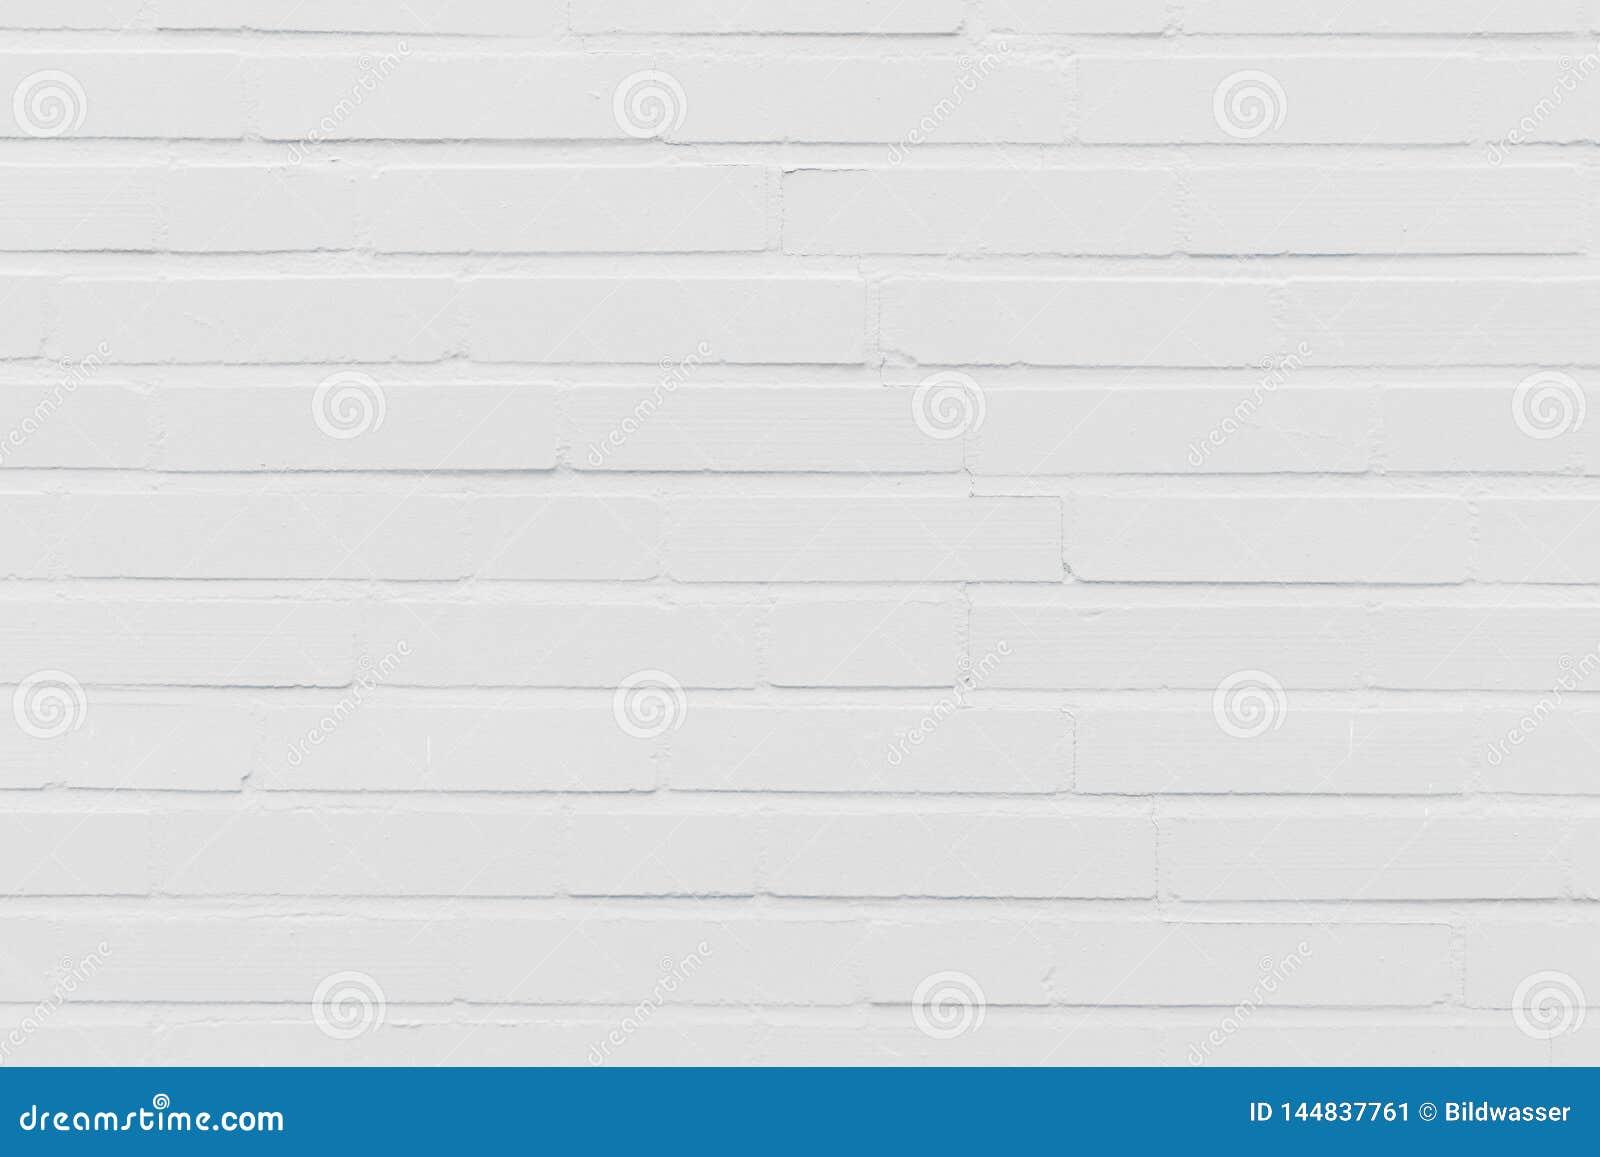 Textura blanca moderna del fondo de la pared de ladrillo